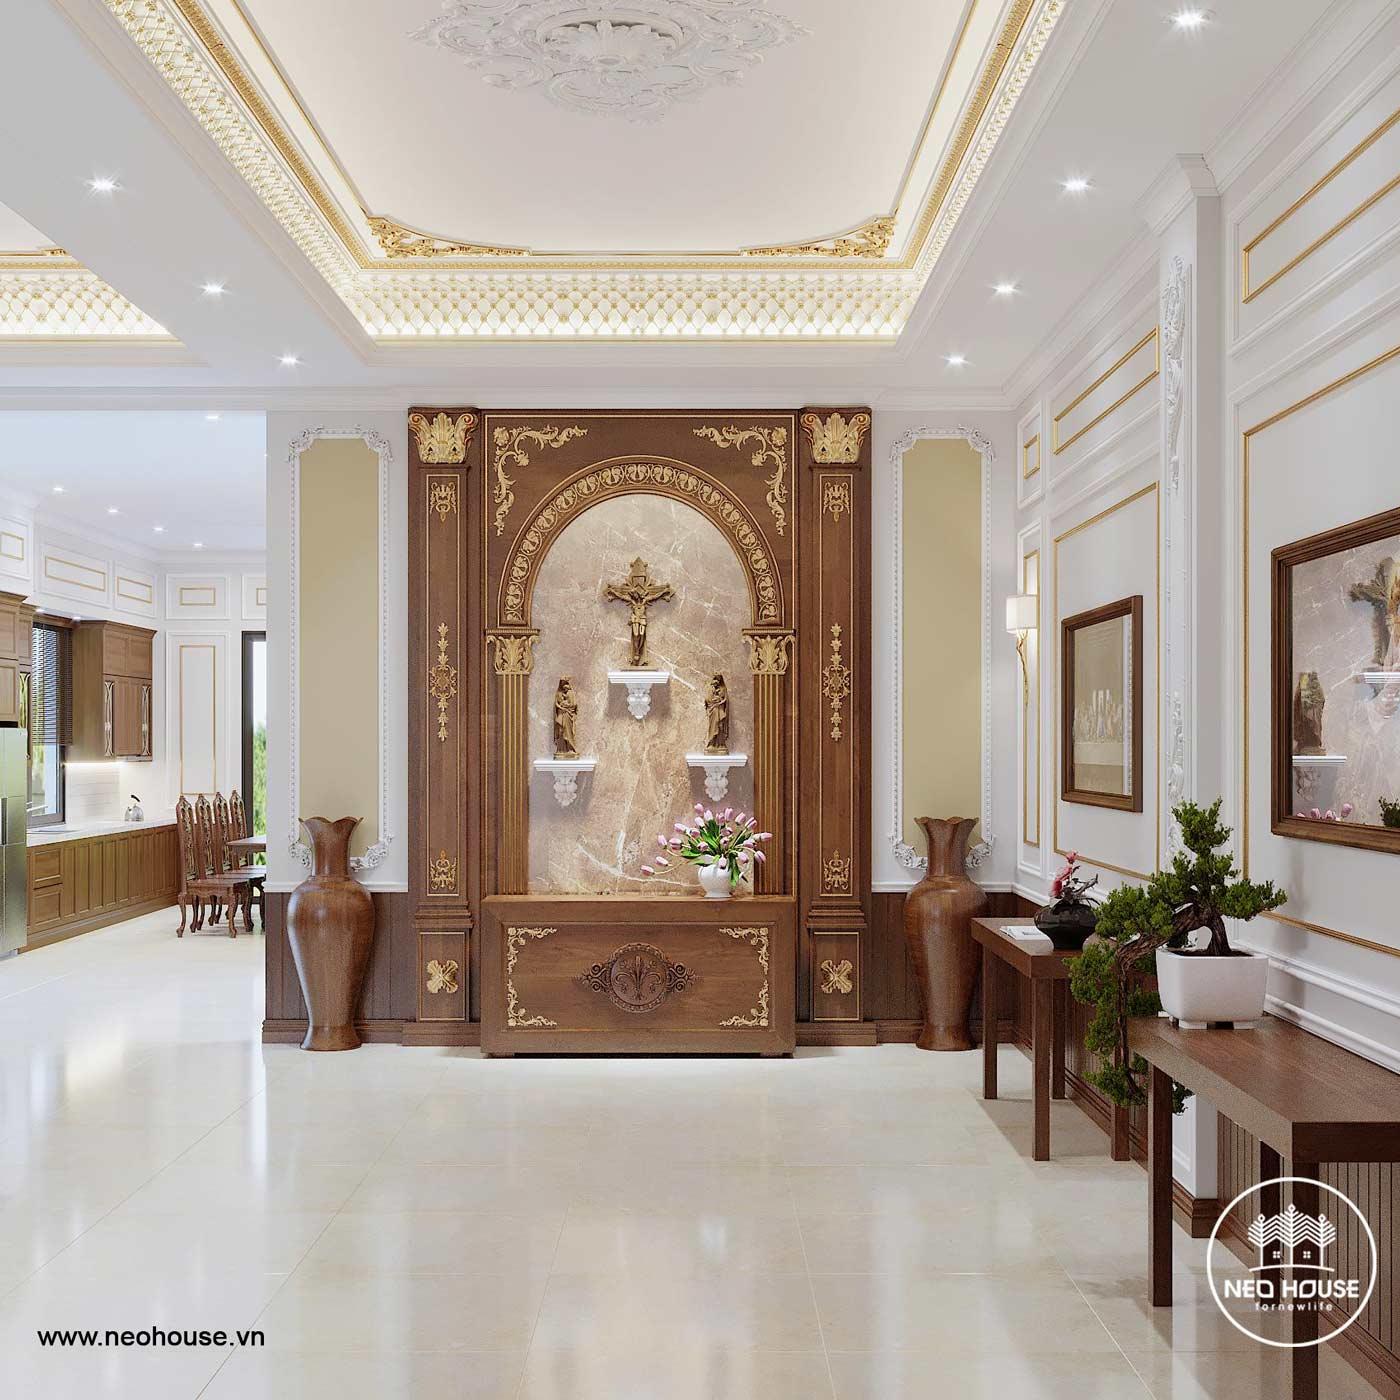 Thiết kế nội thất biệt thự tân cổ điển. Ảnh 2